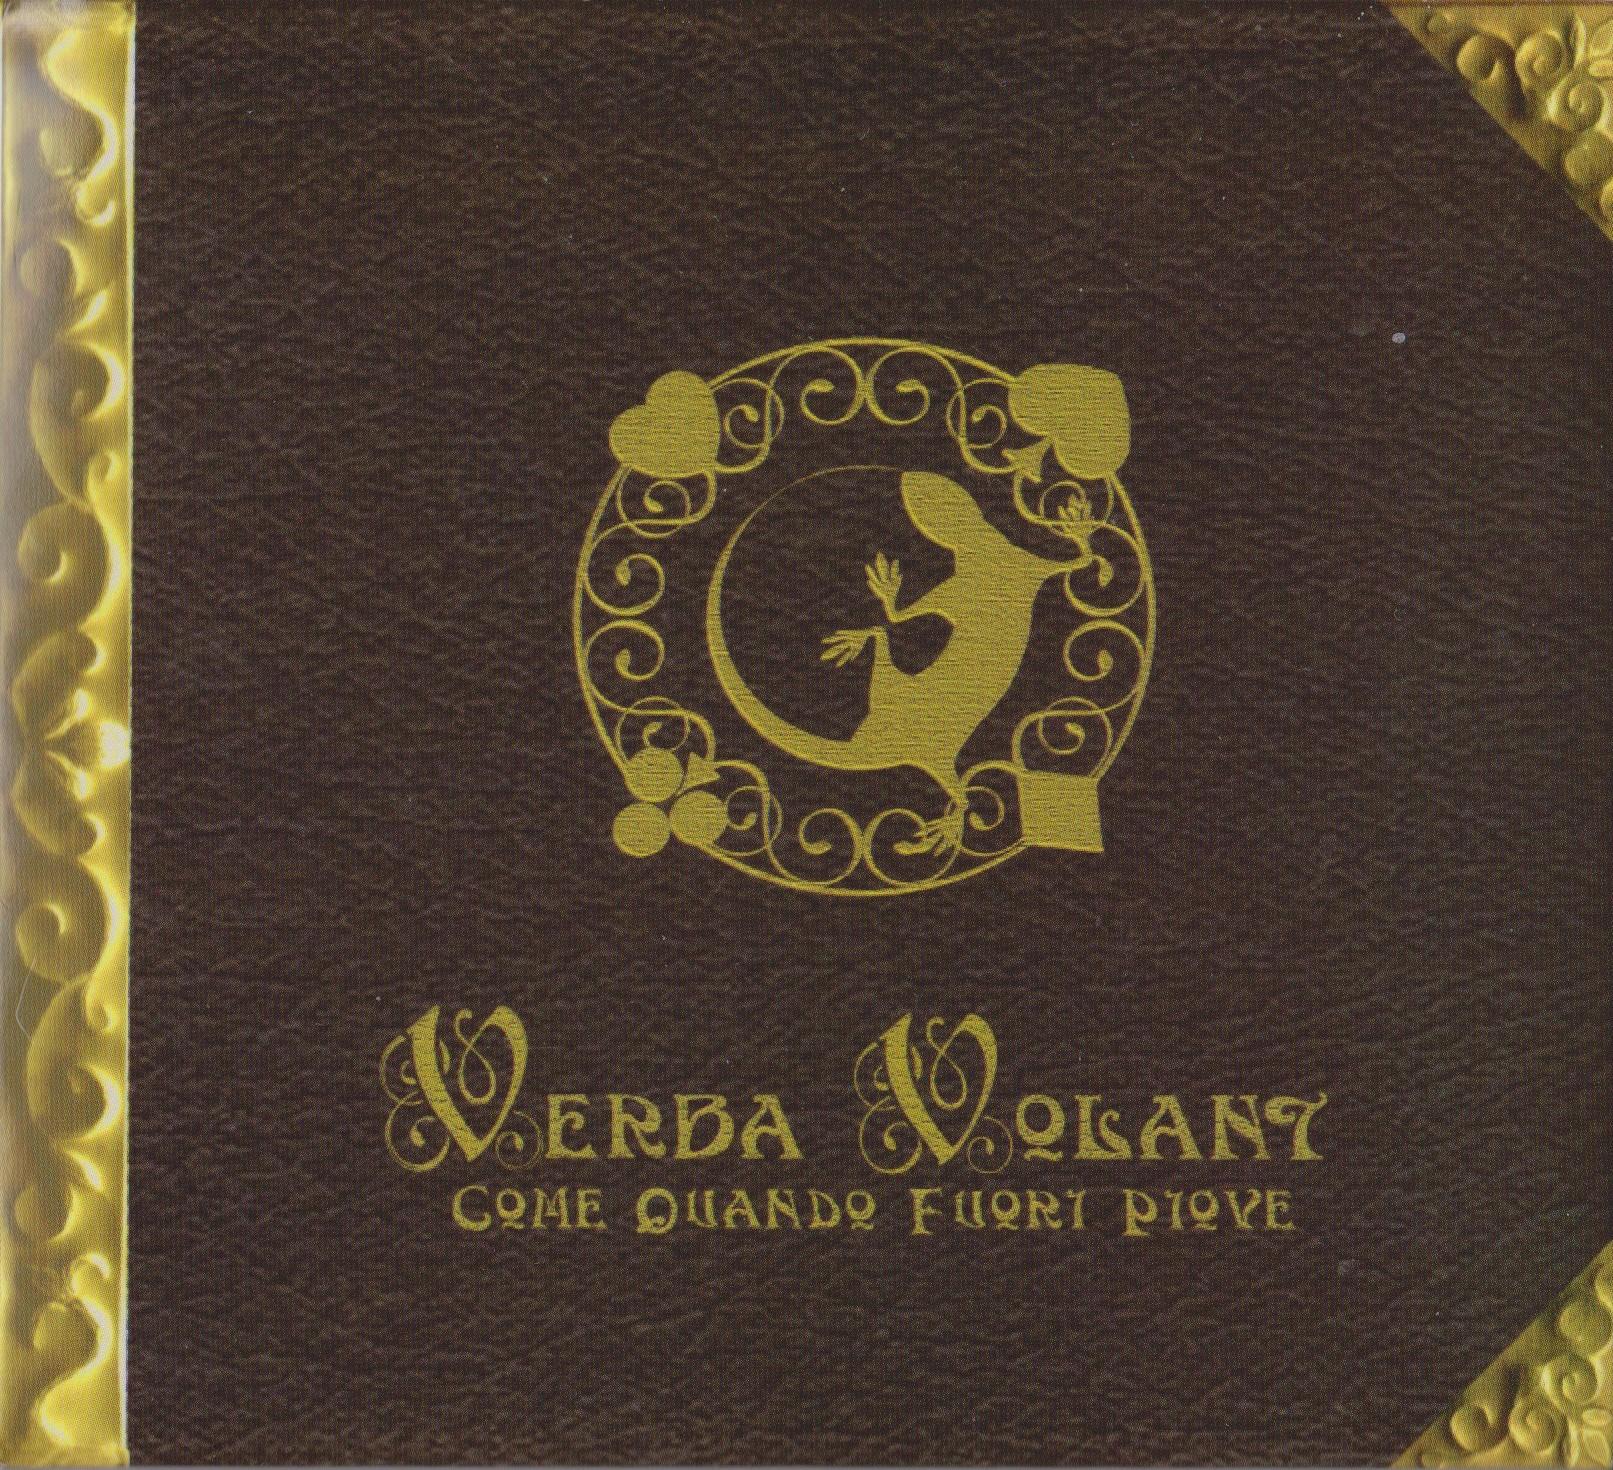 Verba Volant (Come Quando Fuori Piove) - 2009